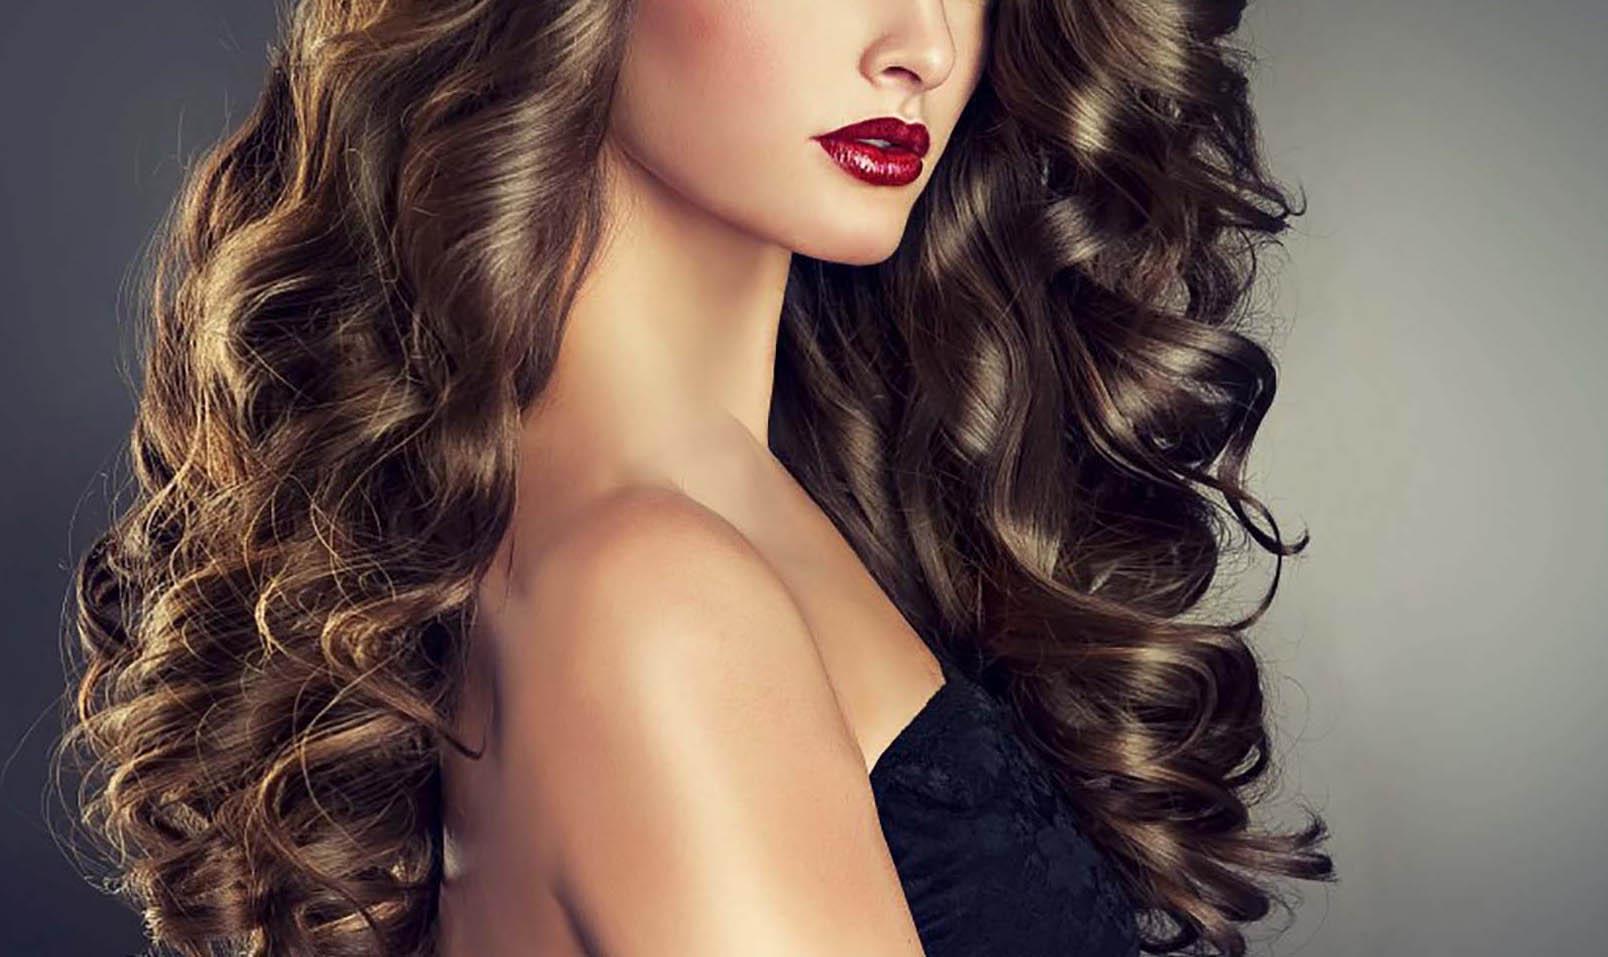 El Sumario - Solo se requieren cinco minutos para tener una melena genial que luzca tan bien como el resto del look y la modelo Jessica Barboza explica el paso a paso para lograrlo